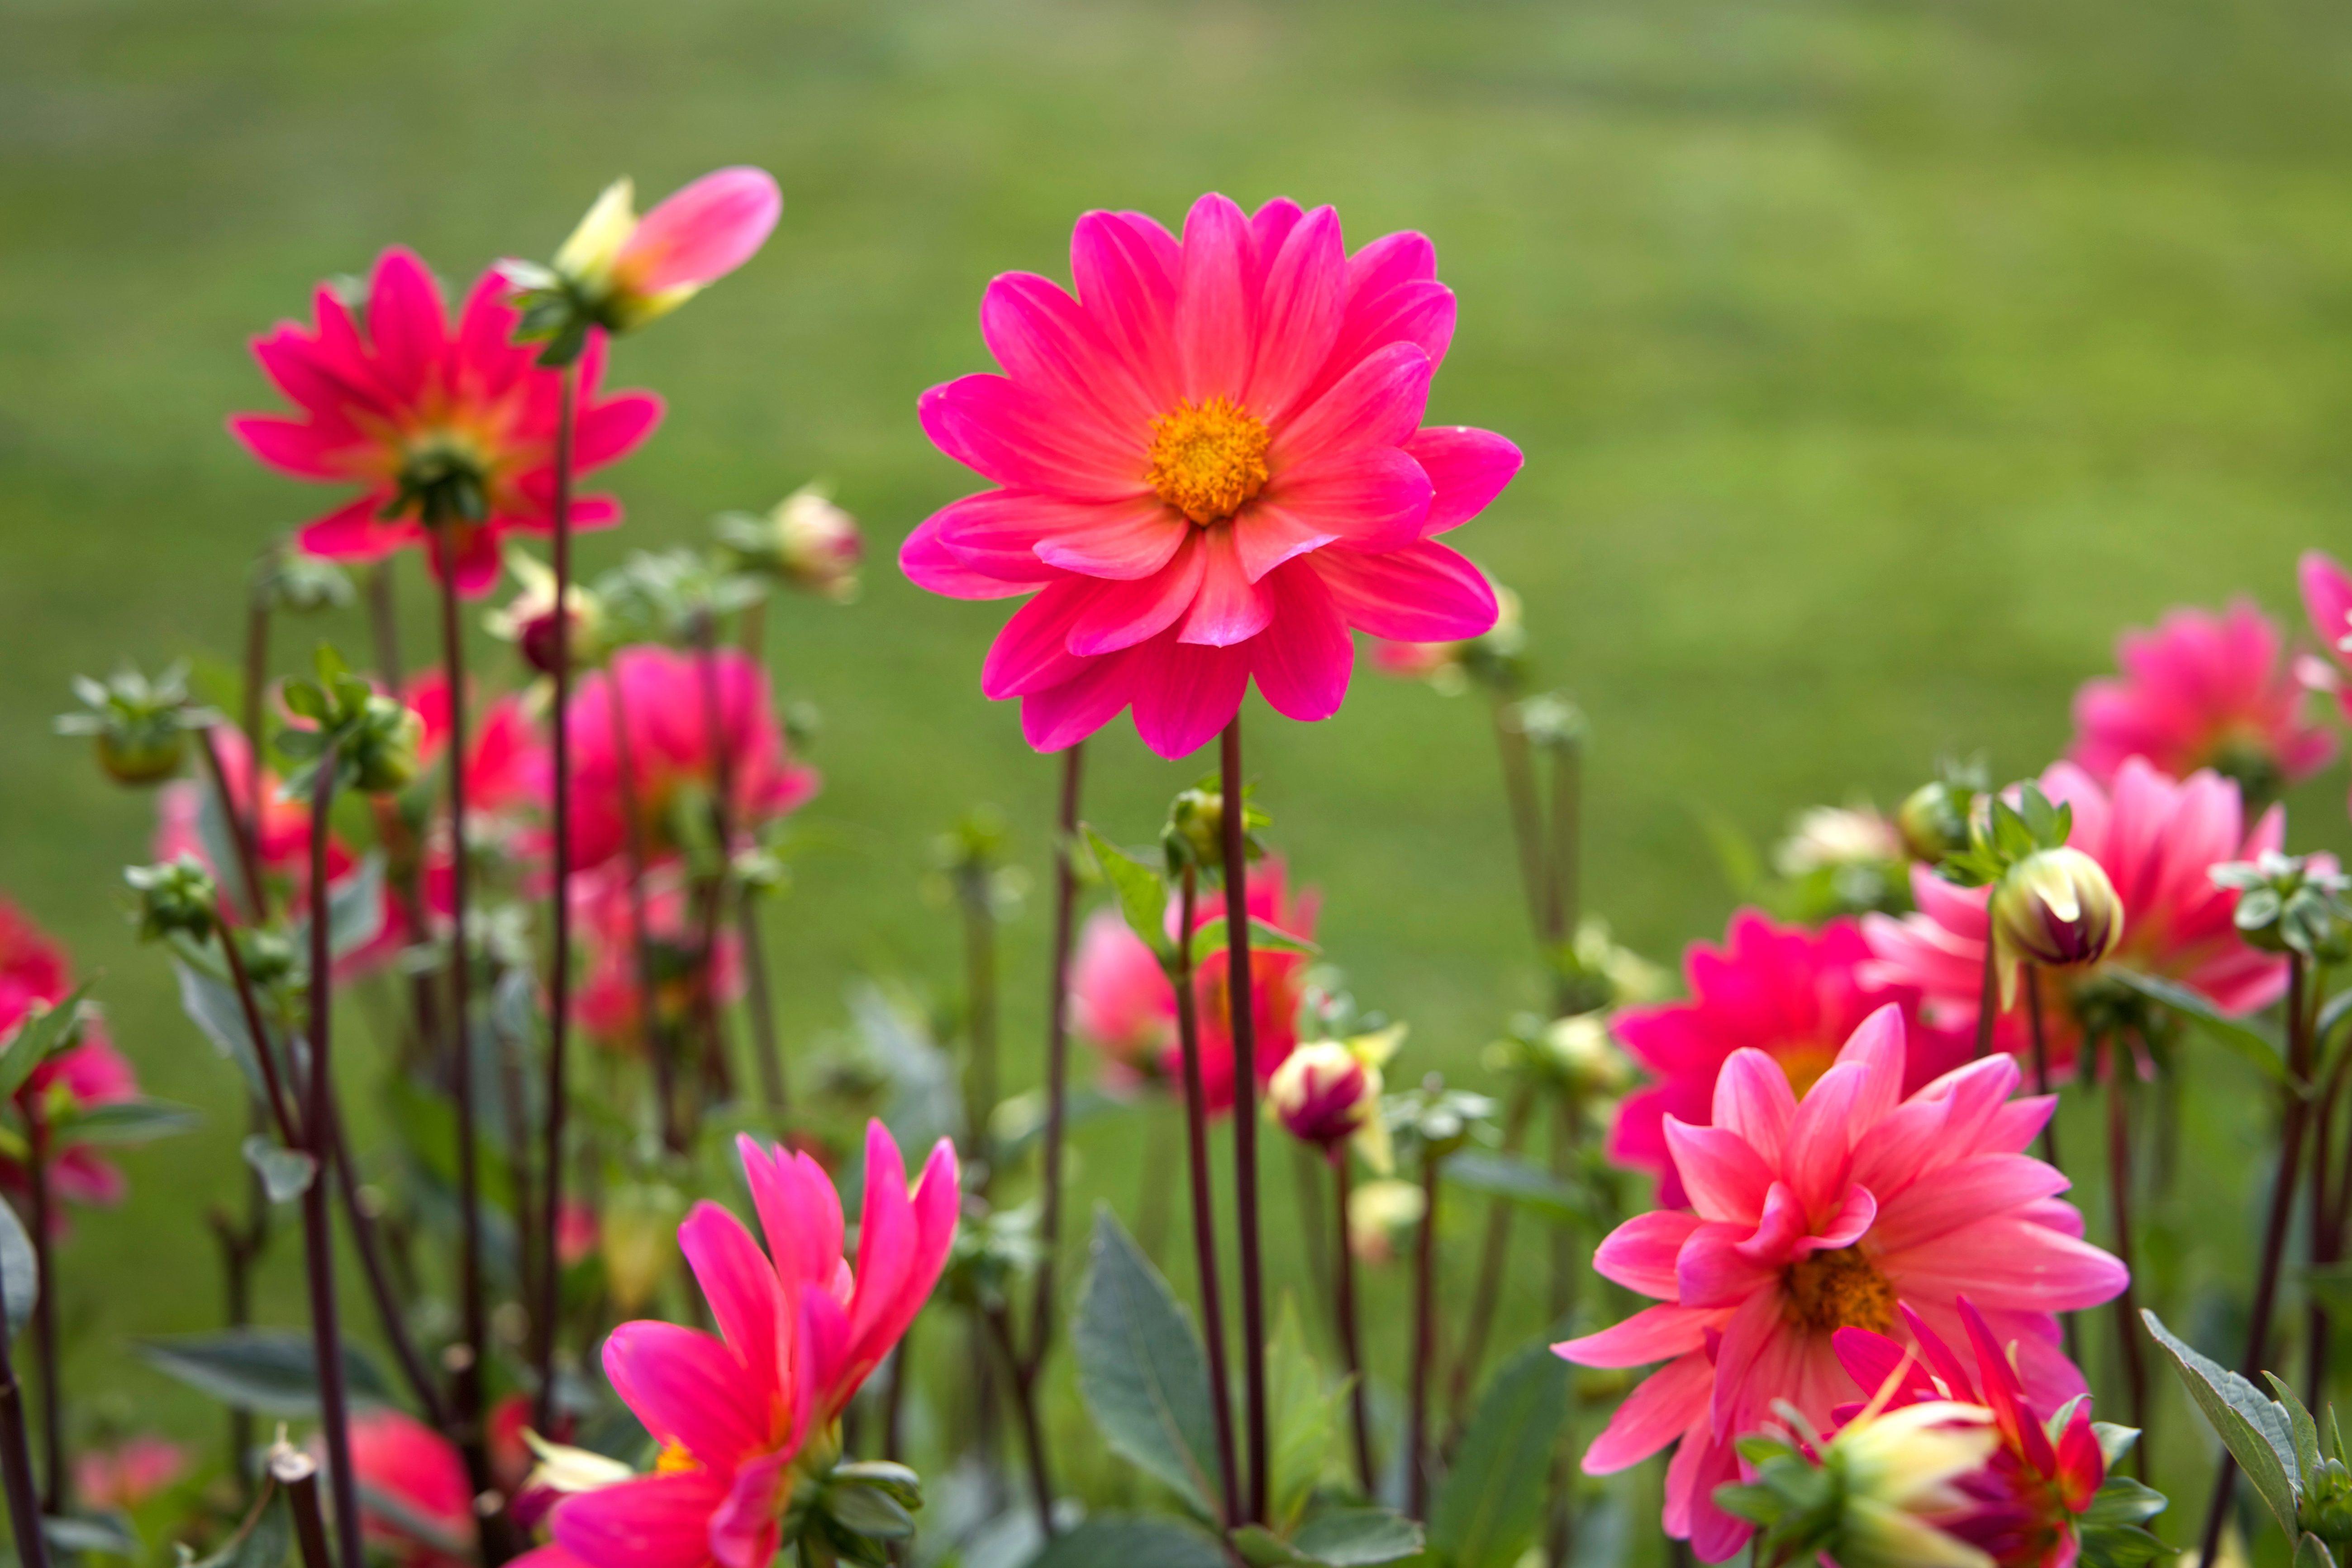 kostenlose bild rosa blumen gro e bl ten nektar blumen blumen sommer. Black Bedroom Furniture Sets. Home Design Ideas